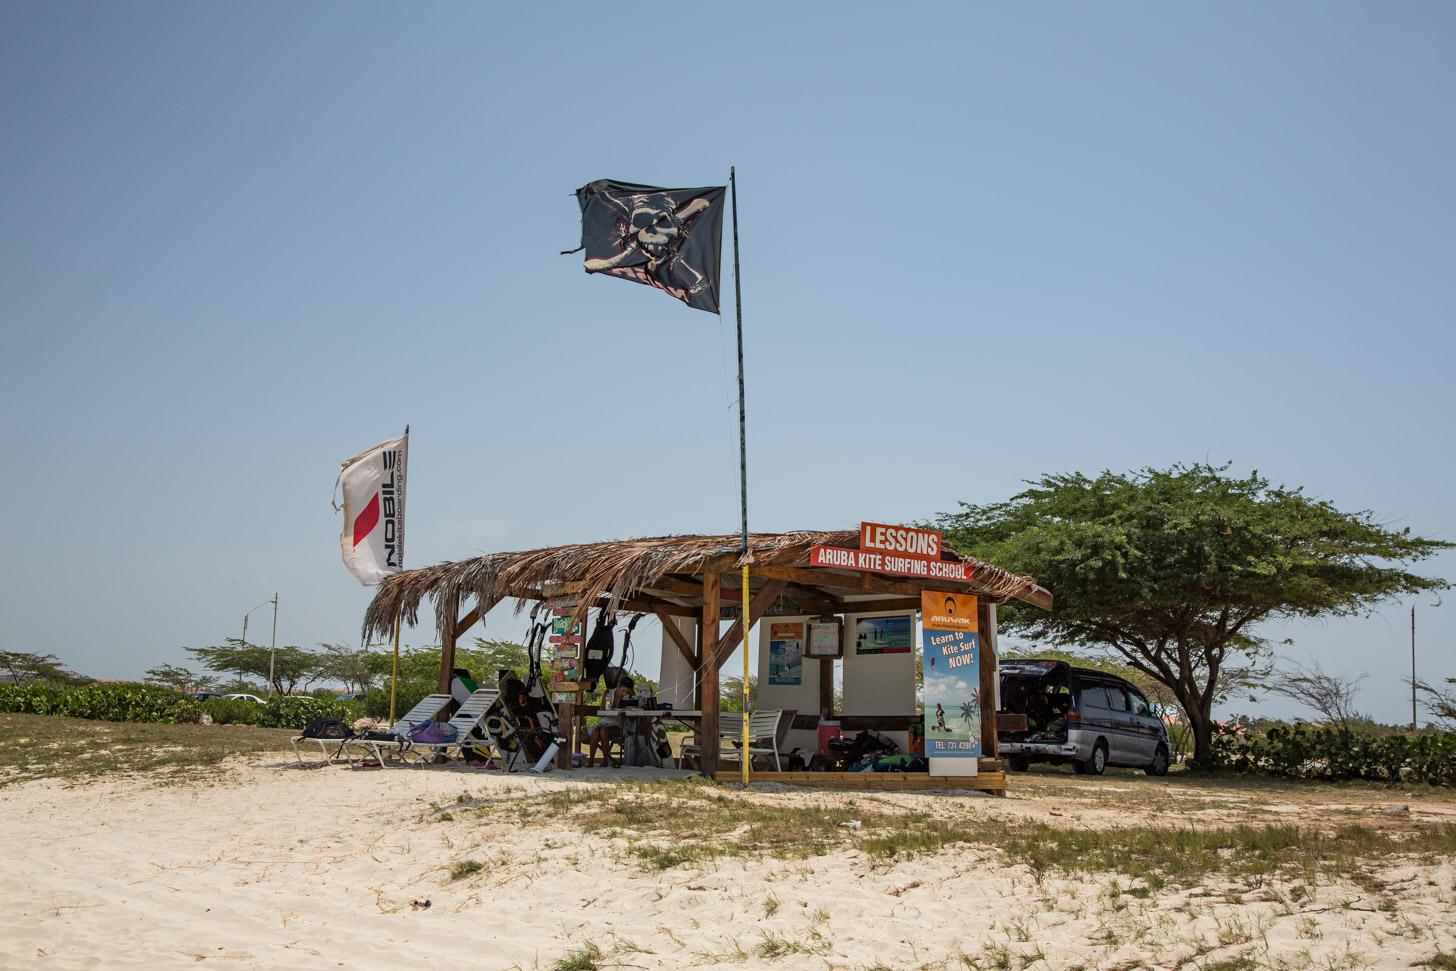 de kitesurfschool in het noordwesten van Aruba